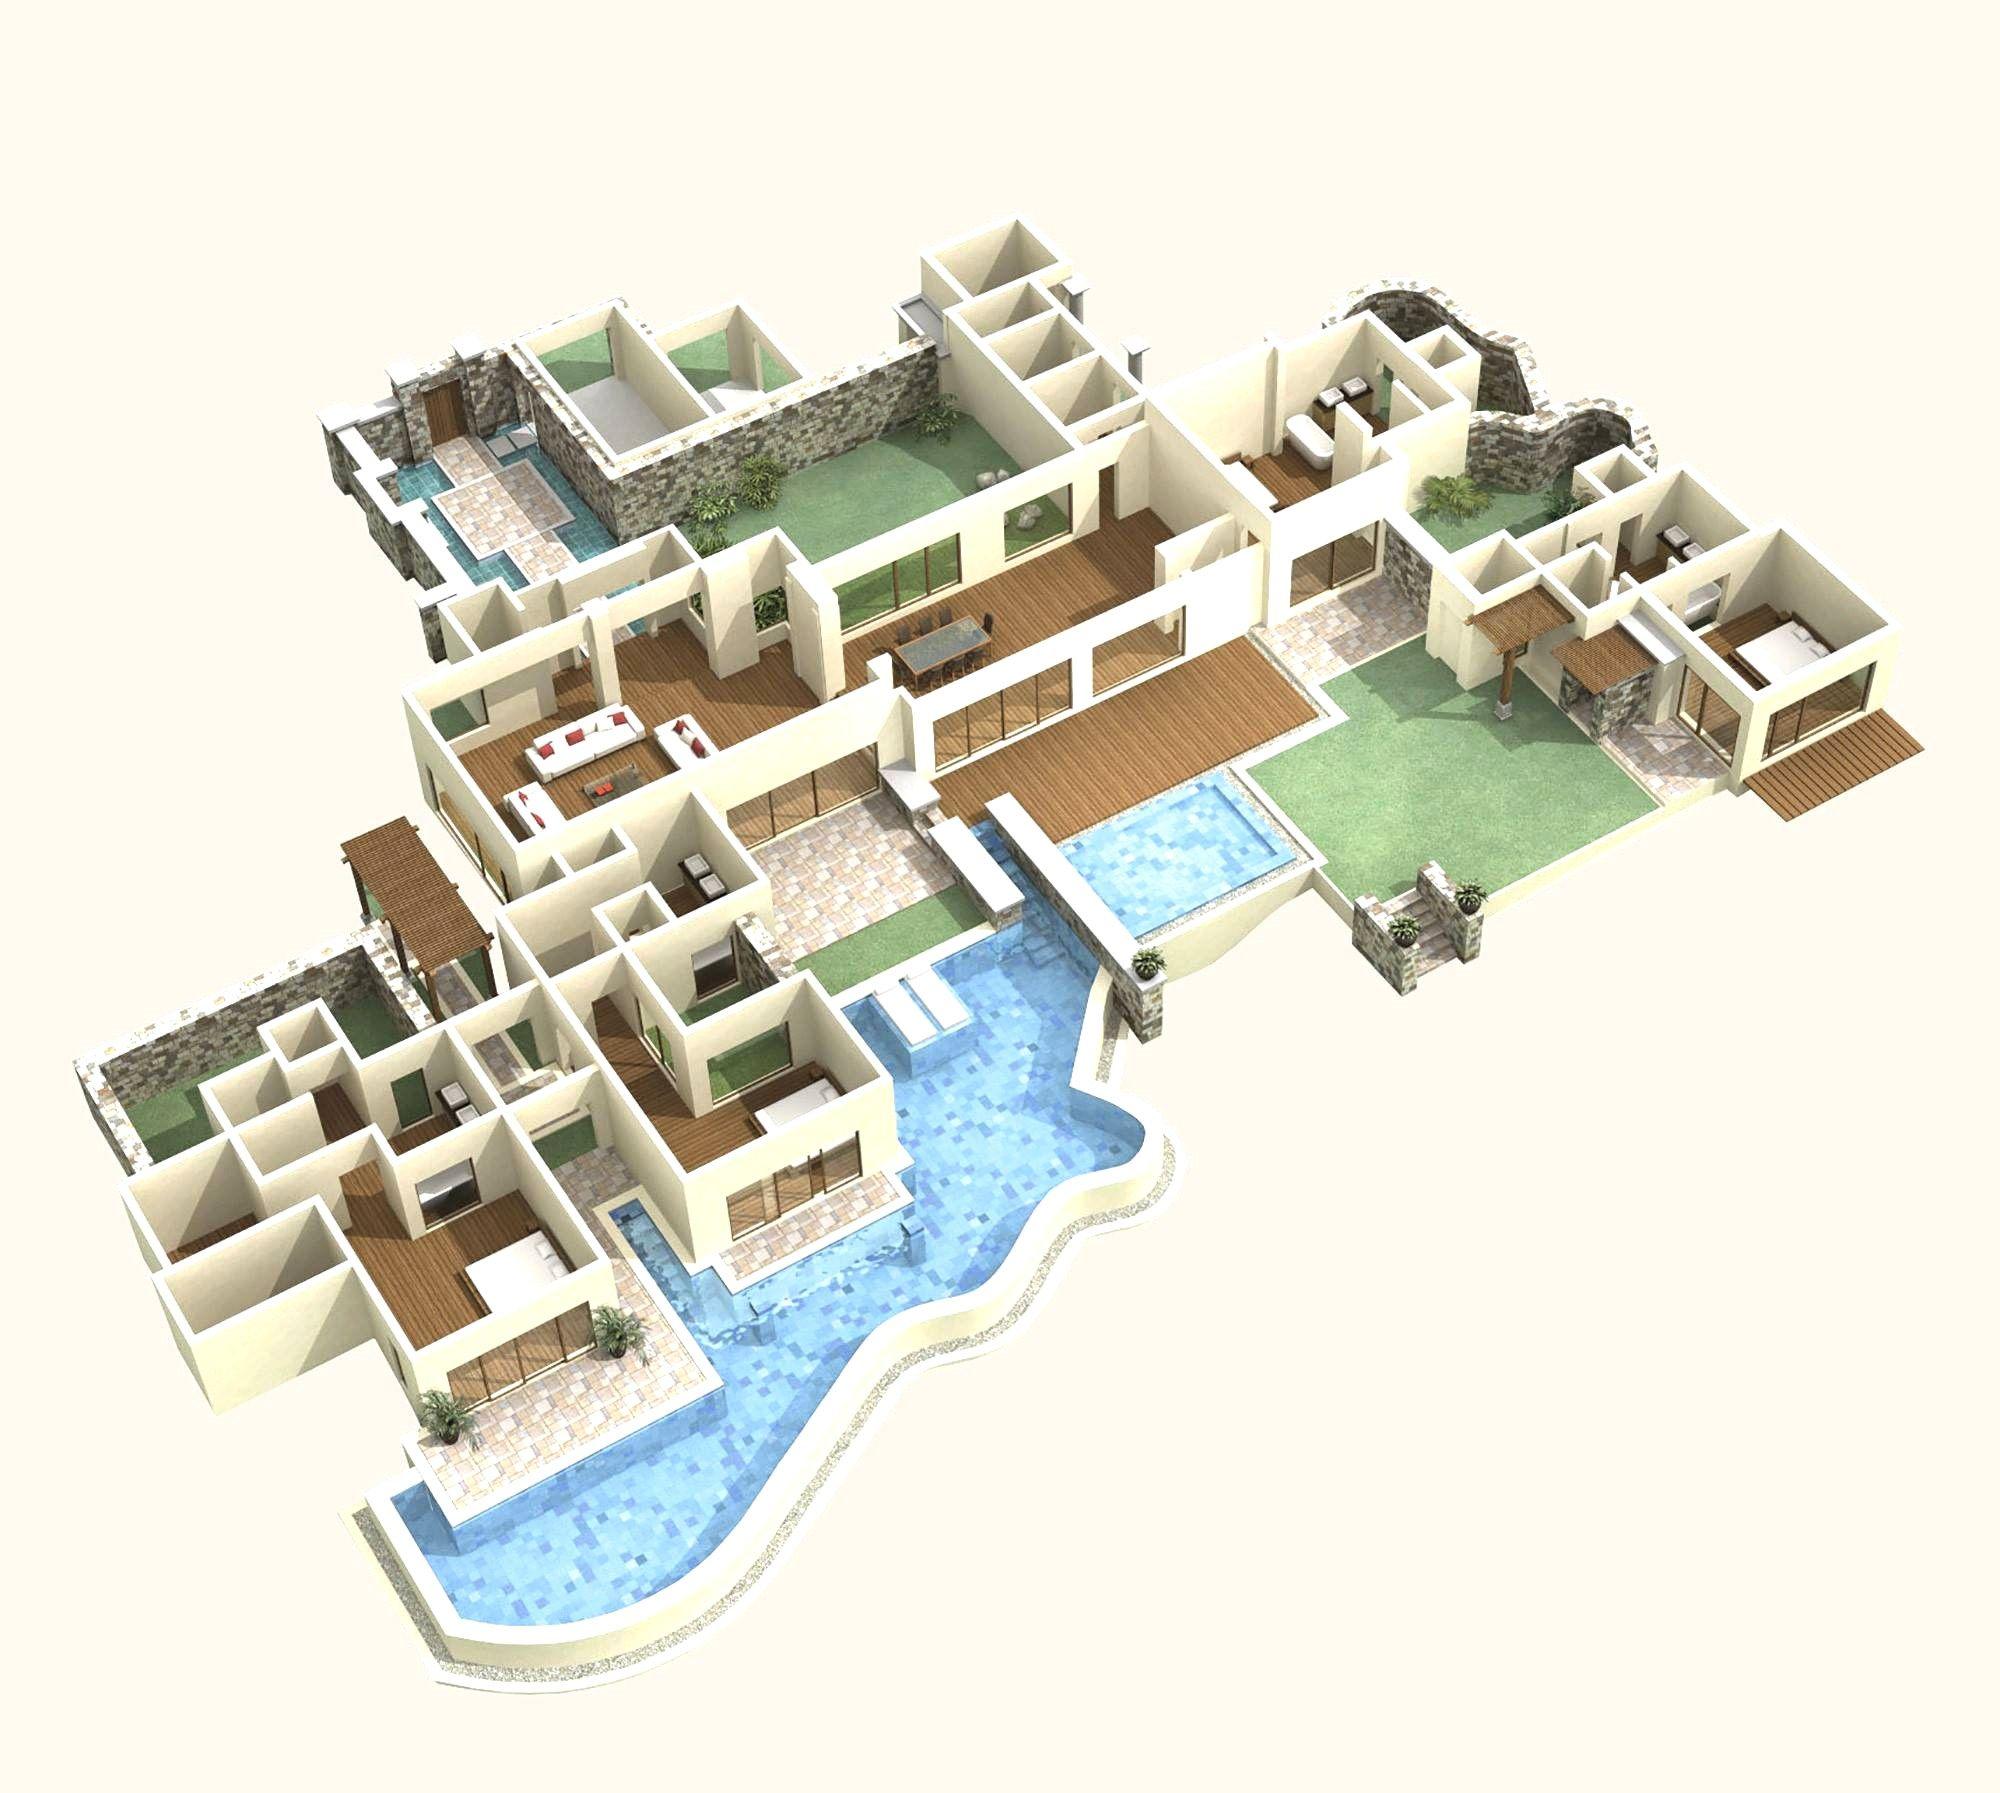 Plan De Maison A Etage 3d Kaigyo Bible Com Avec Plan De Maison A Etage 3d Best Plan Villa De Luxe Amazing House Design Fitamerica Of Plan De Maison A Etage 3d